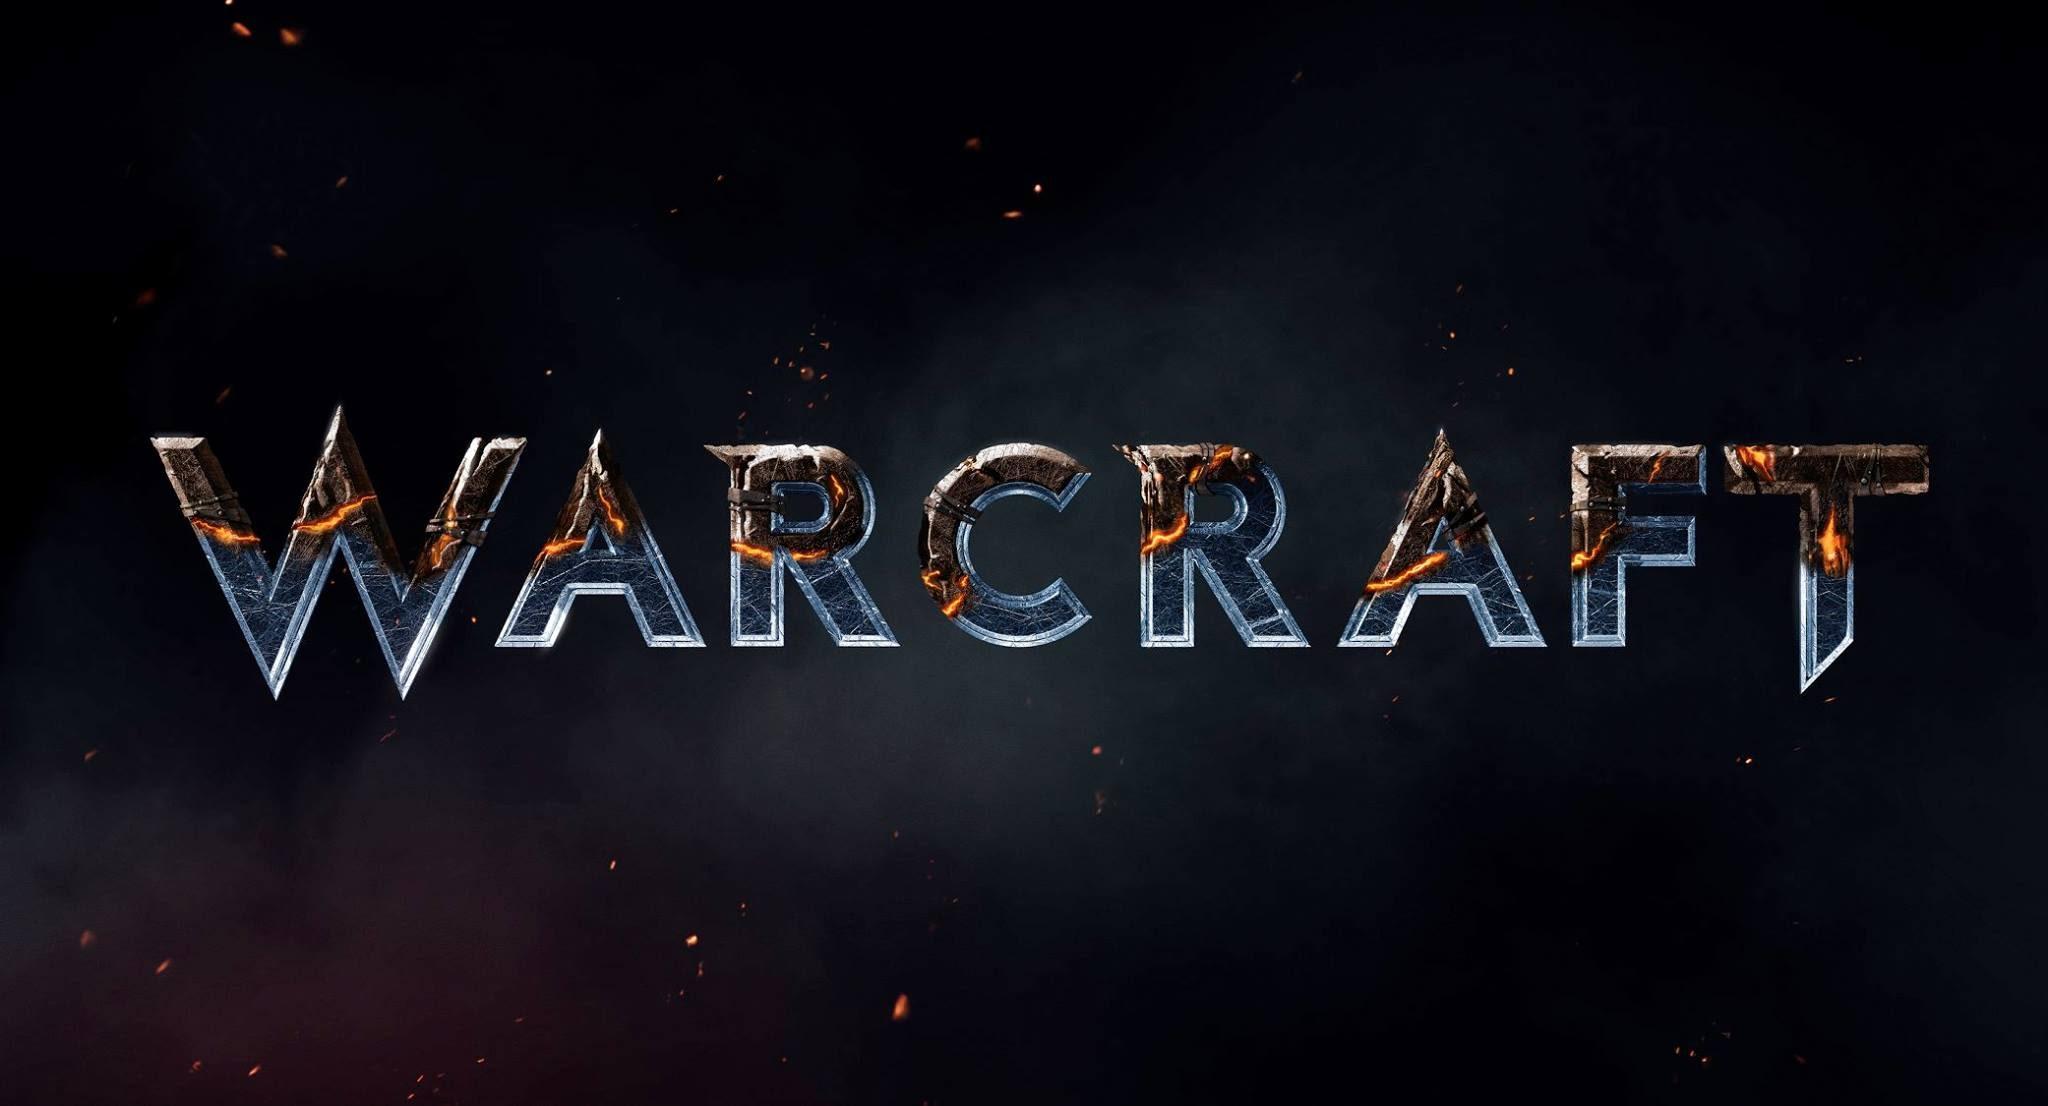 Warcraft-Film: Leak zeigt Szenen aus dem Film [Neue Version]